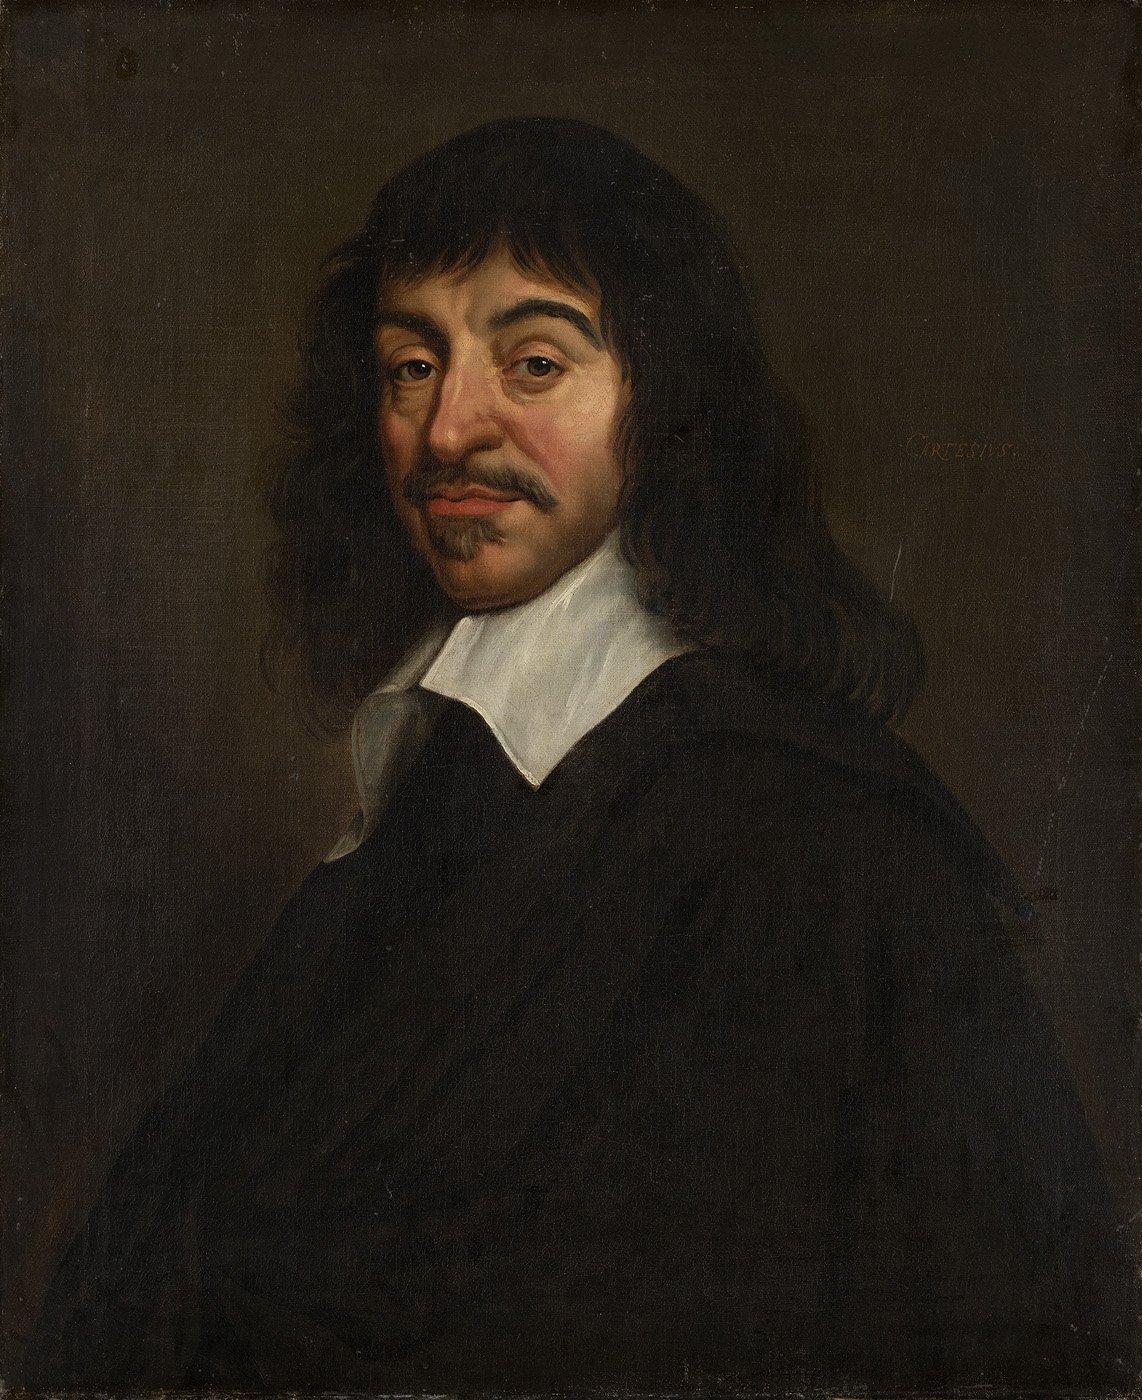 SA_22659-René_Descartes_(1595-1650)